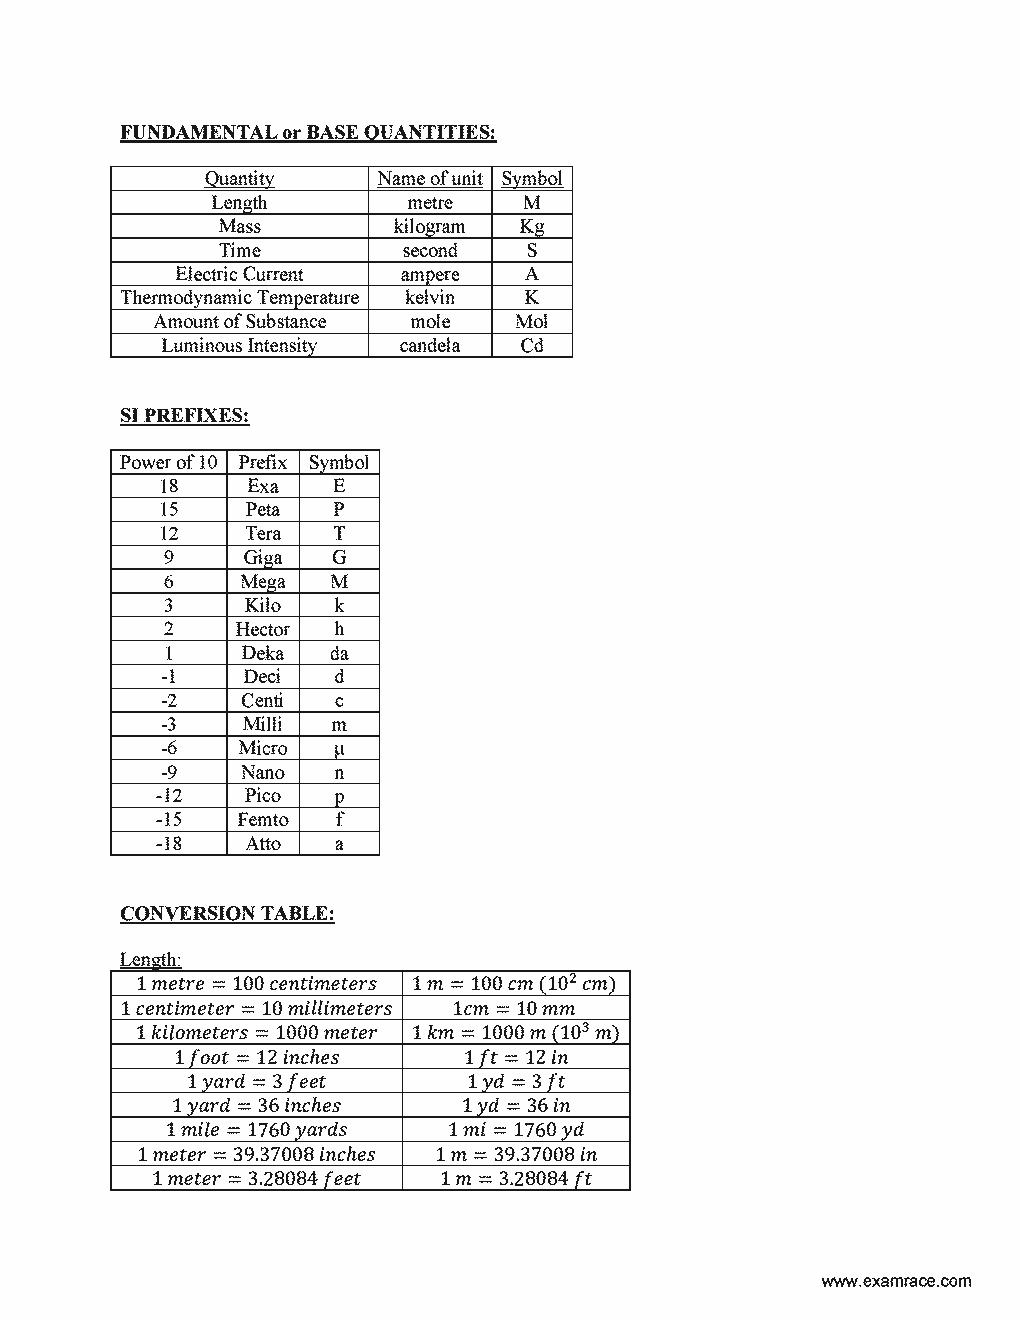 Physics formula examrace physics formula page 1 nvjuhfo Image collections